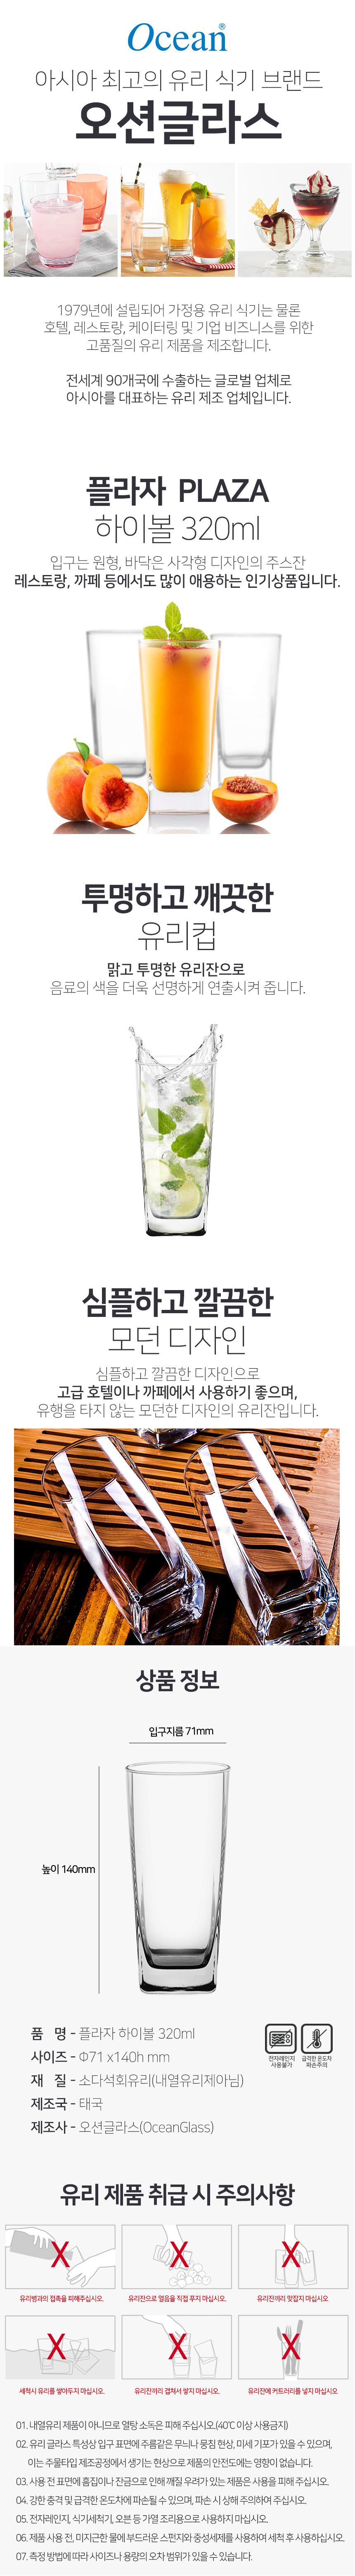 오션글라스 플라자 하이볼 320ml_2조 - 경성리빙테크, 4,400원, 유리컵/술잔, 와인잔